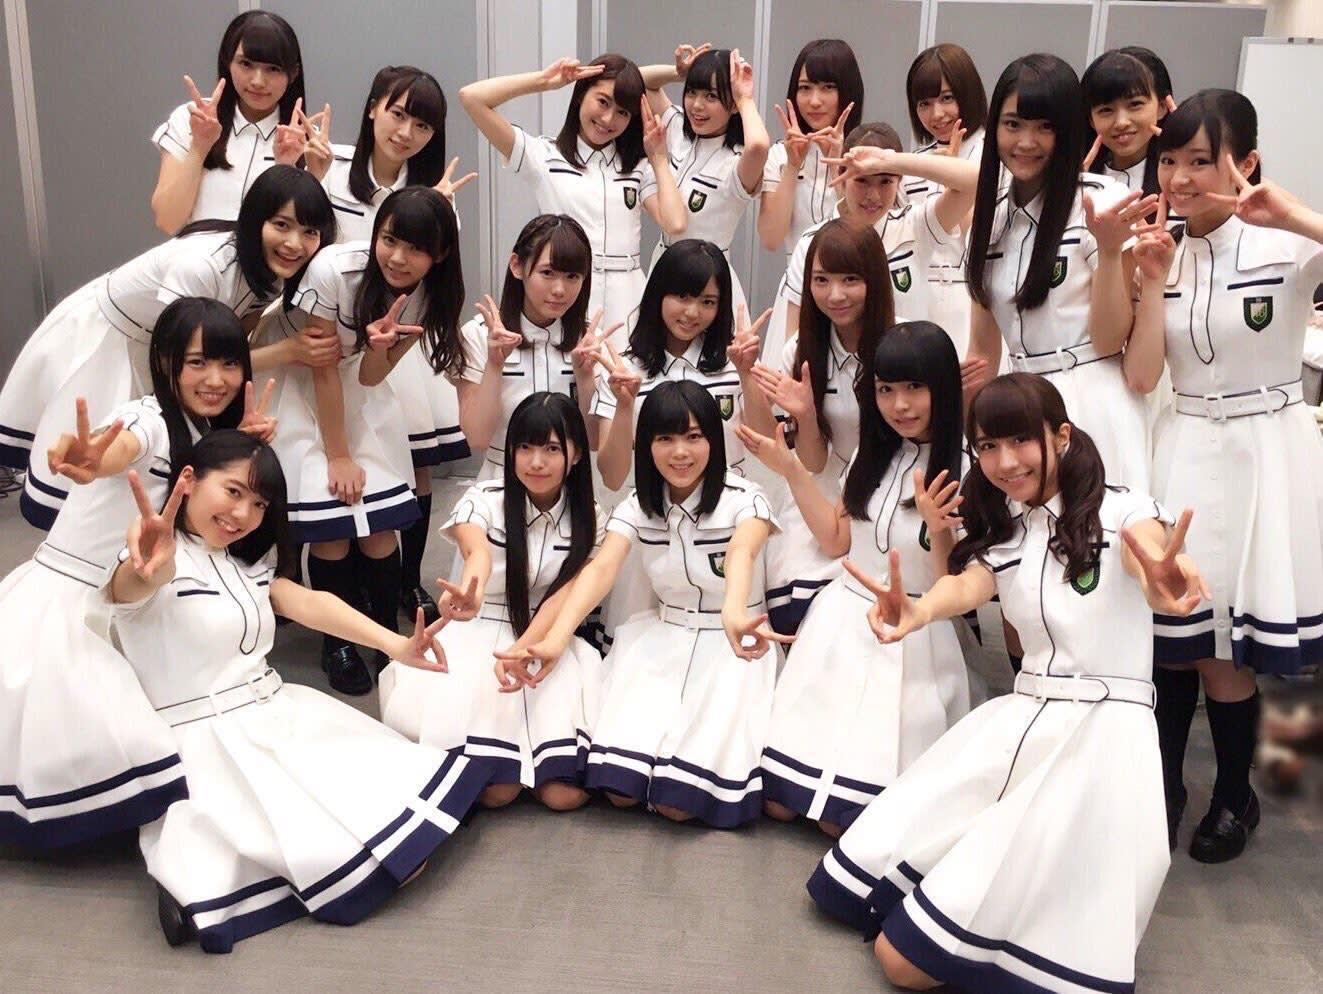 http://blogimg.goo.ne.jp/user_image/25/84/3fe0dcbfa1d0cc09f0e41171ab747140.jpg